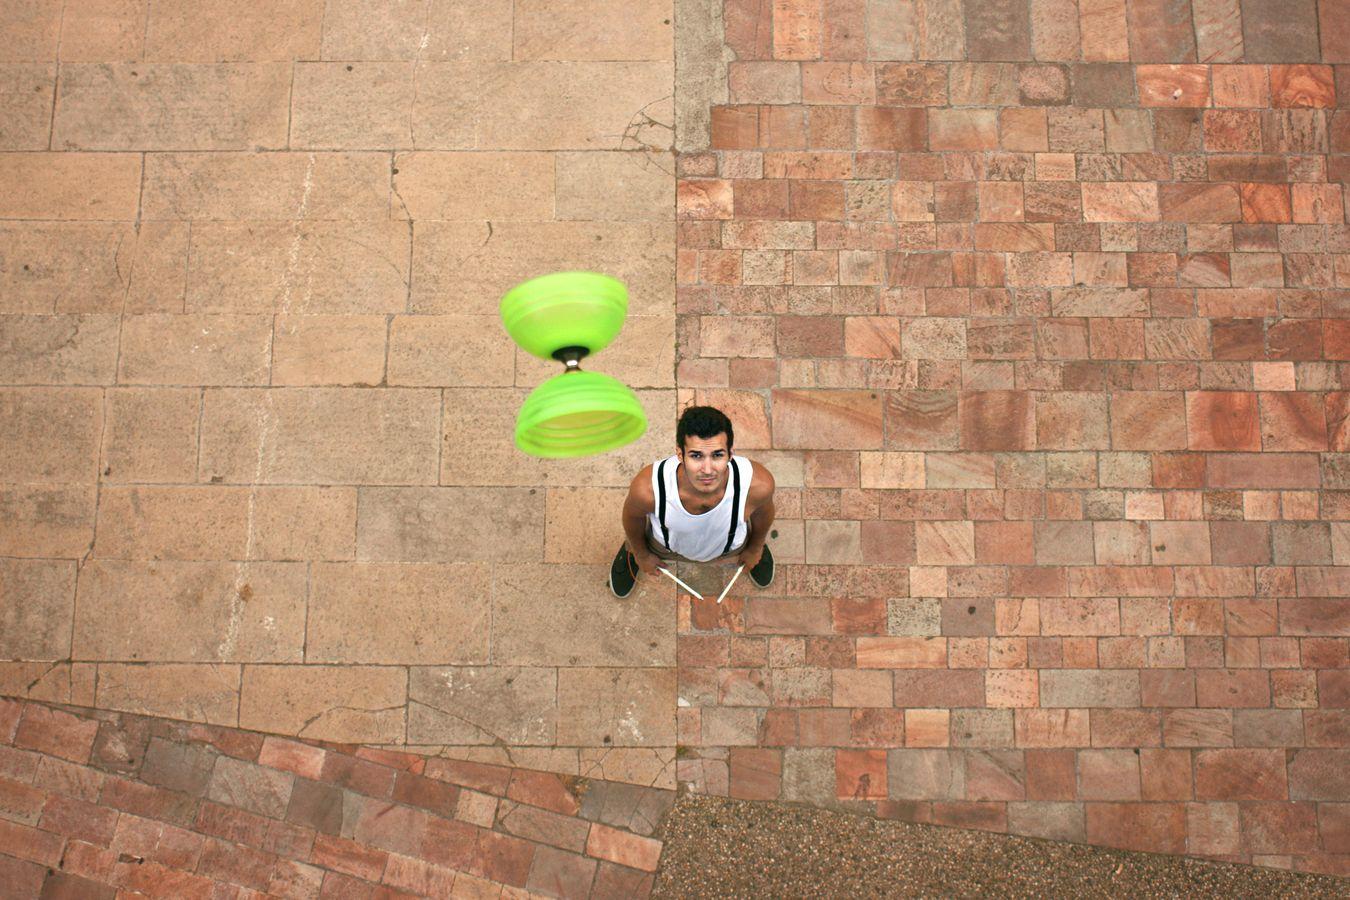 Yohan Durand vient de lancer son diabolo vert dans les airs. Là, sur le parvis de l'auditorium de Lyon, il attend tranquillement que son agrès retombe. Il n'est pas pressé, car il sait qu'il a le temps.